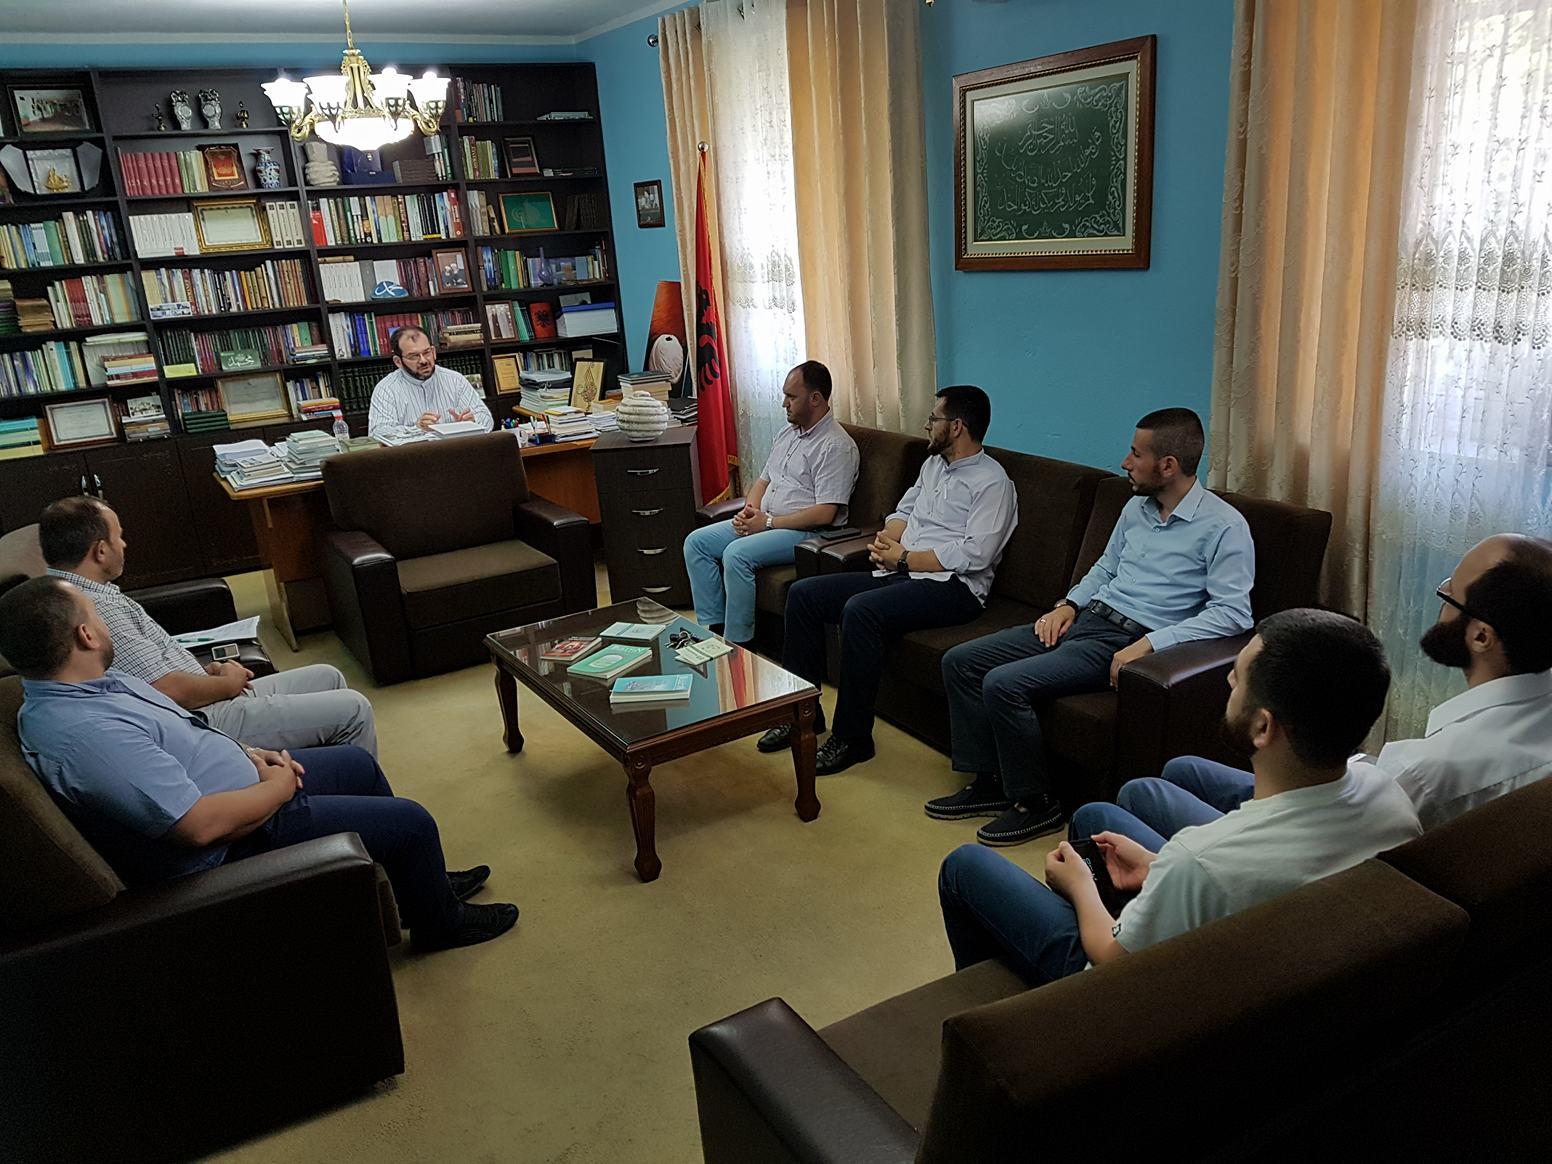 Gjallërimi i jetës fetare, Myftiu takoi imamët teologë